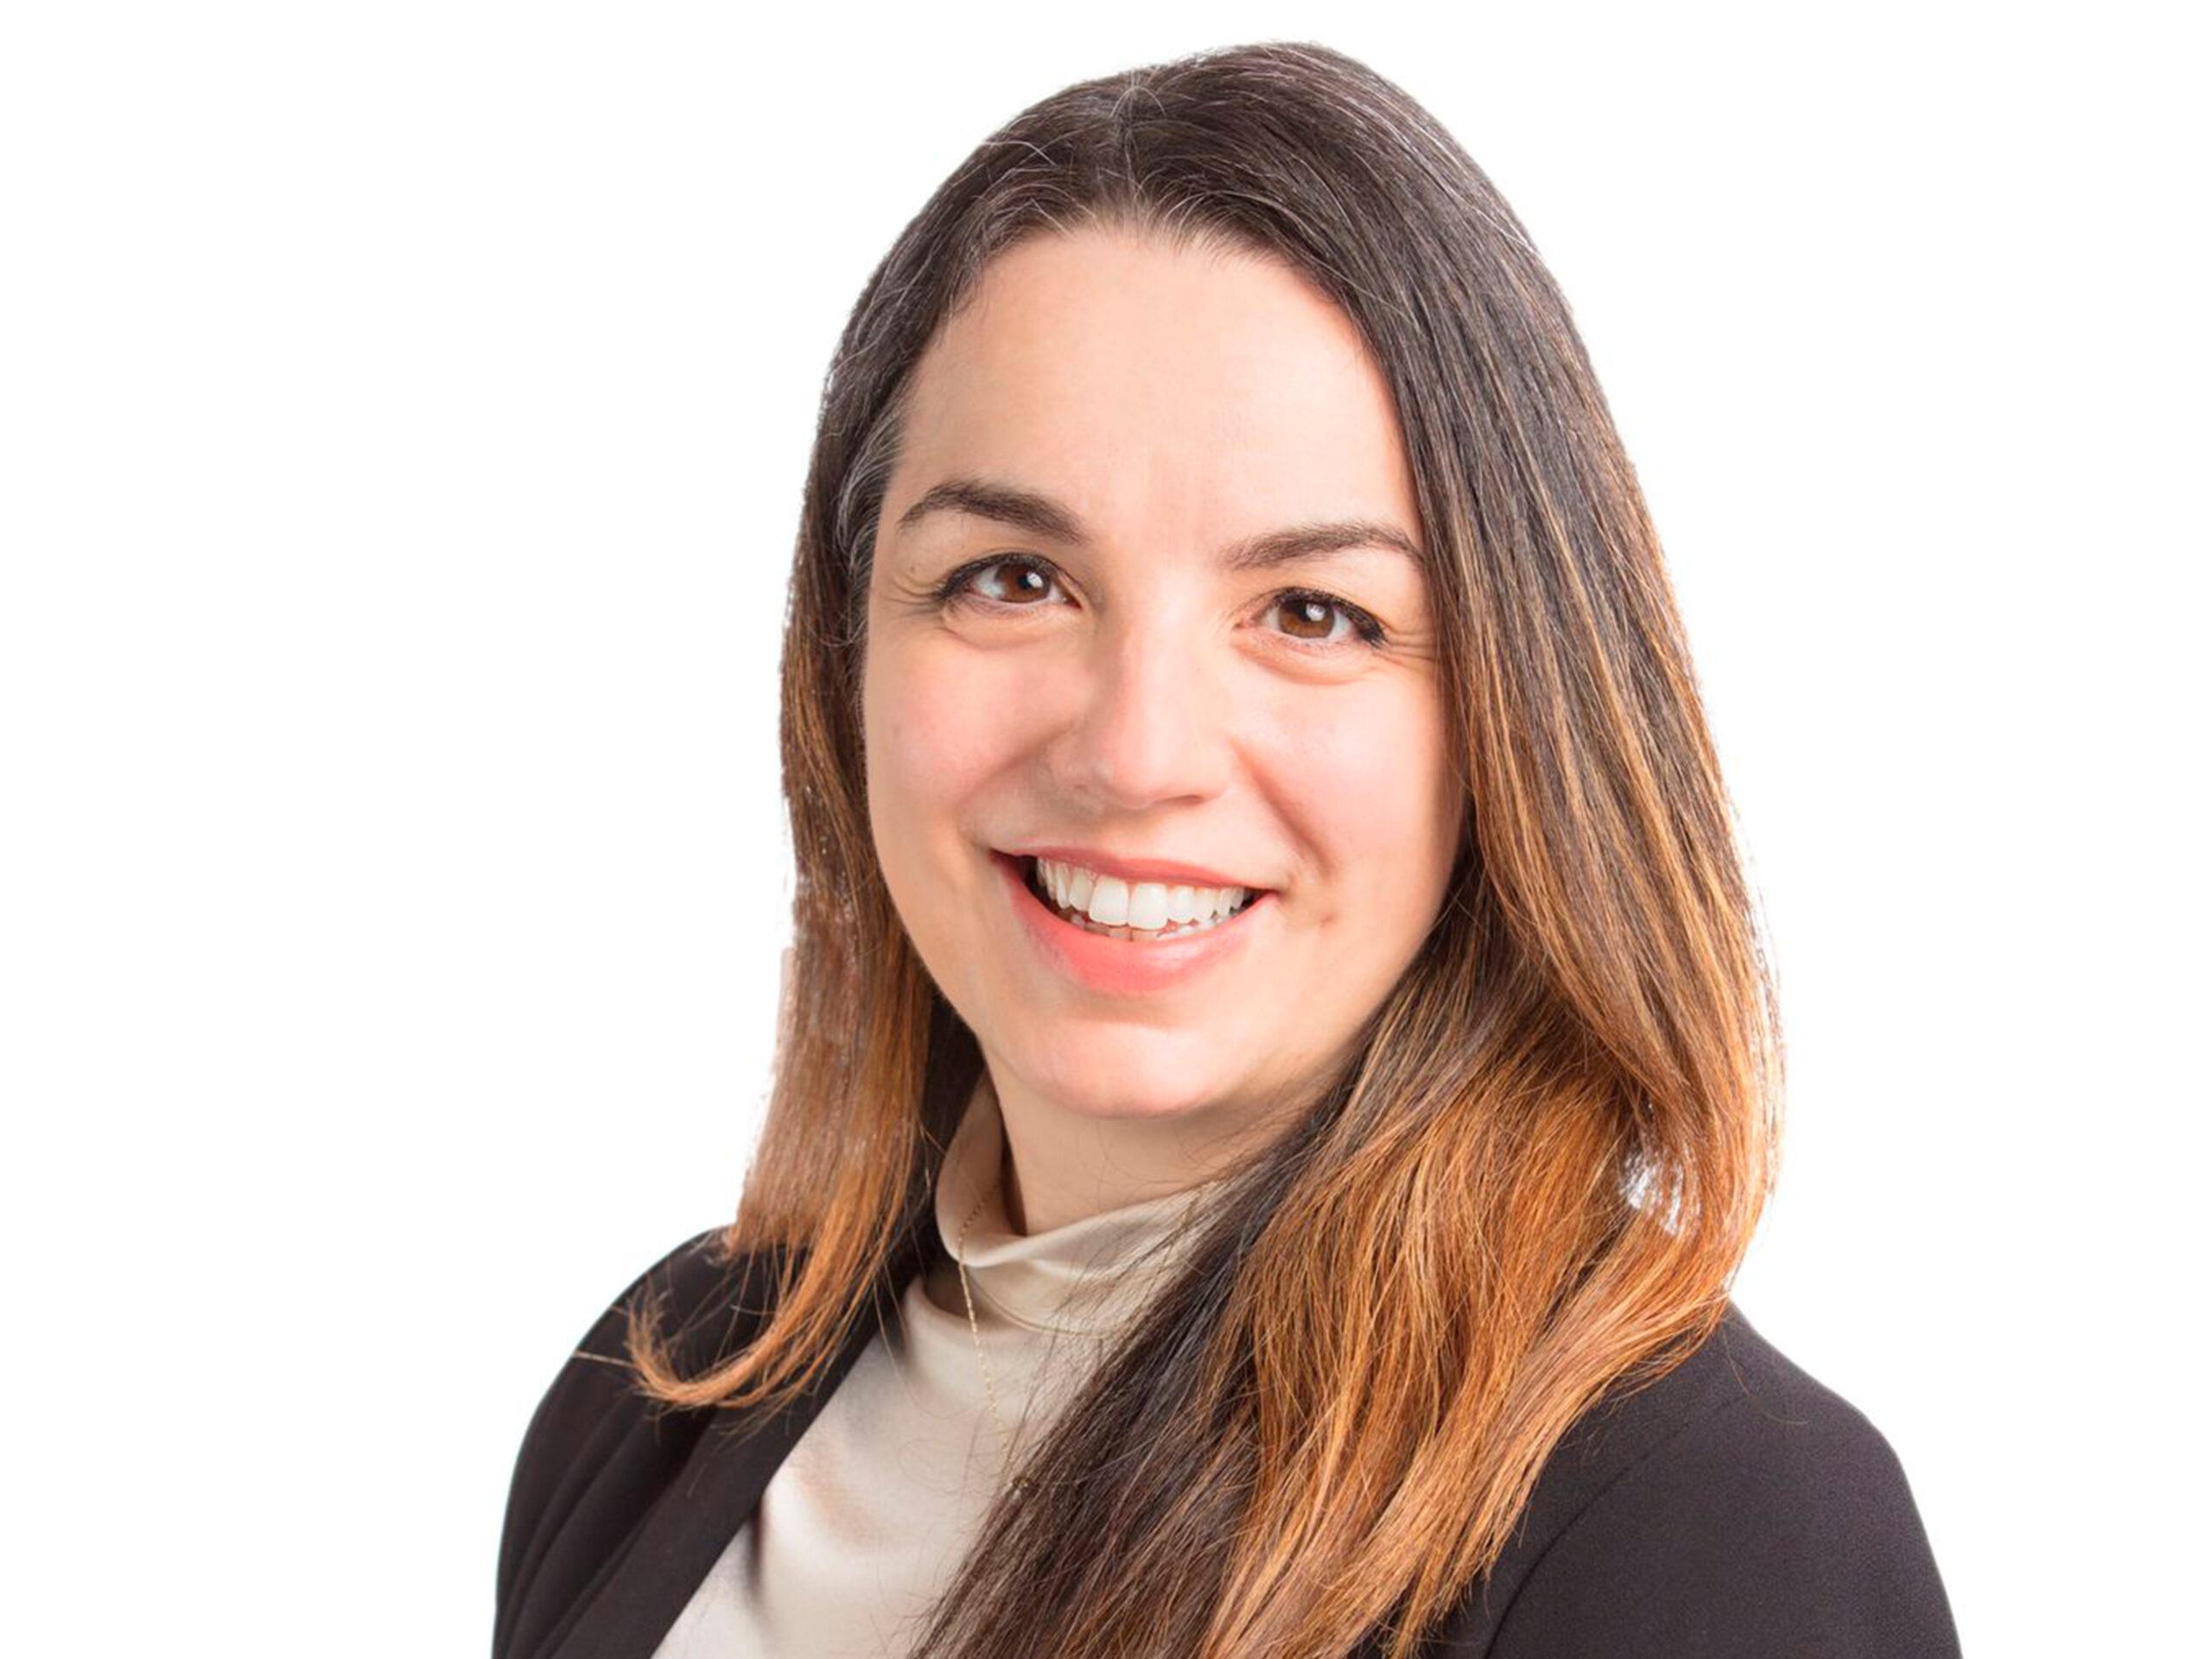 Nadia Carotenuto